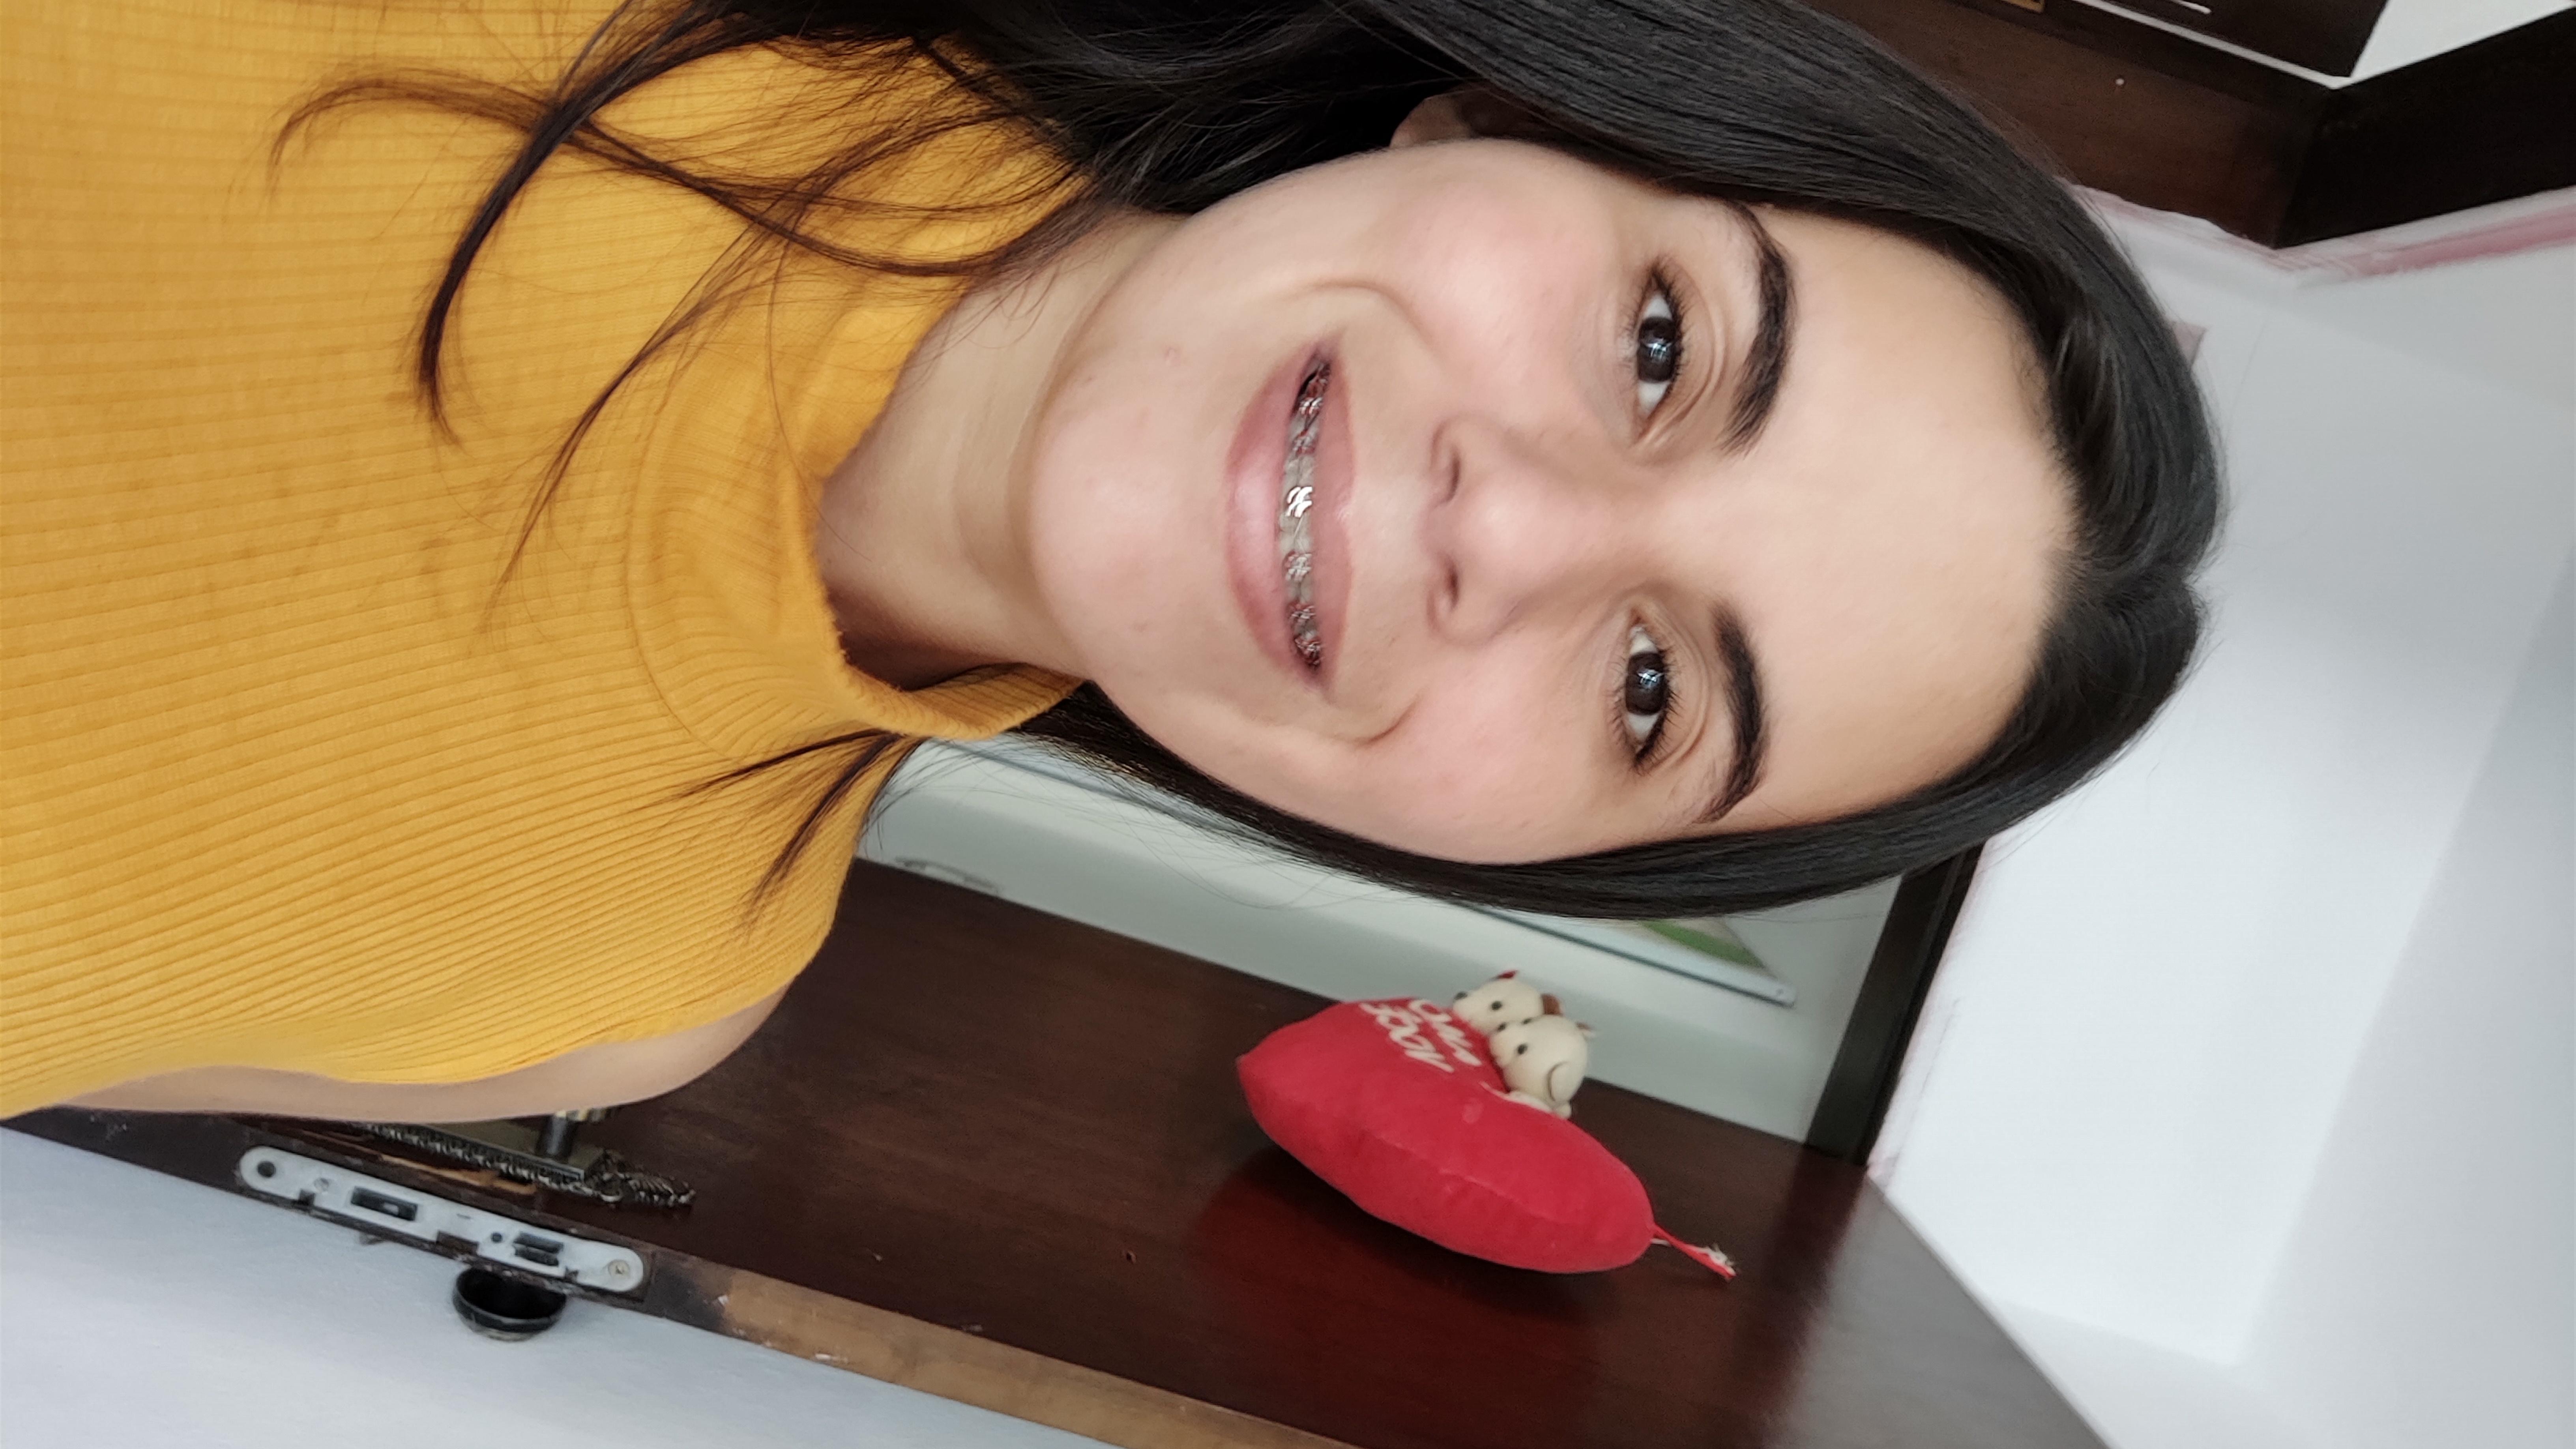 Rosimeire Pereira